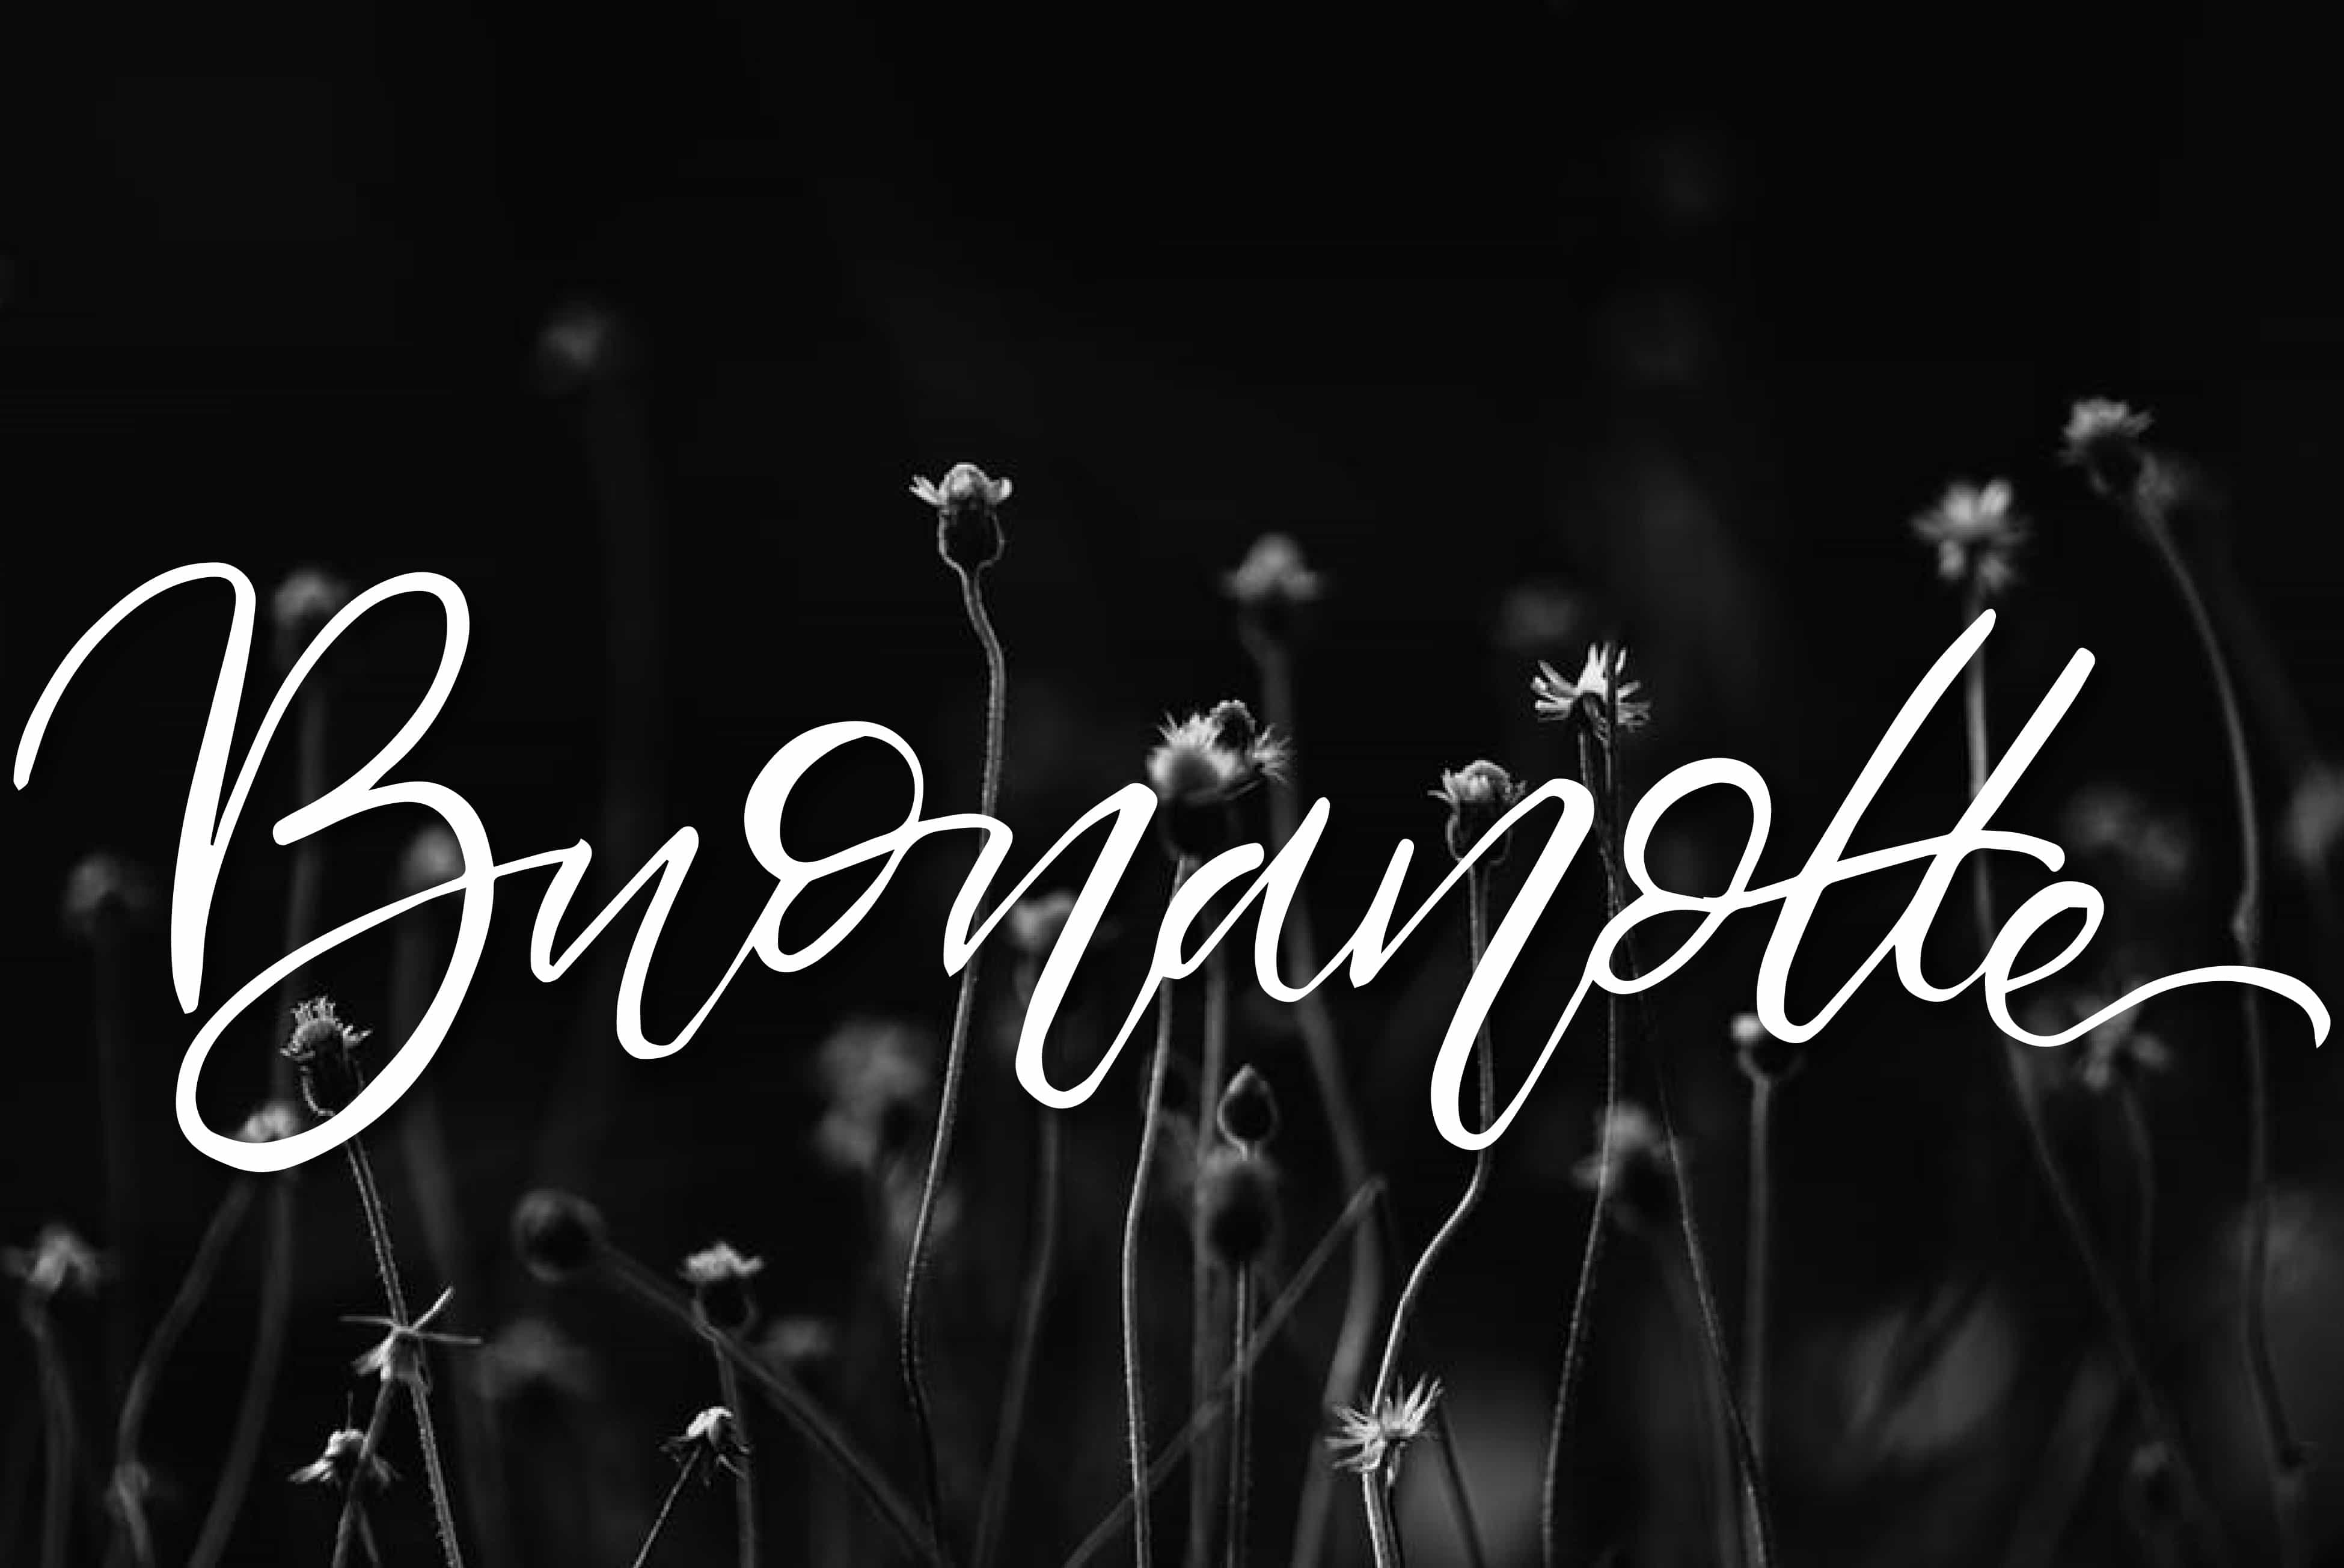 Buonanotte x whatsapp con Buonanotte per le persone che amano i fiori selvatici